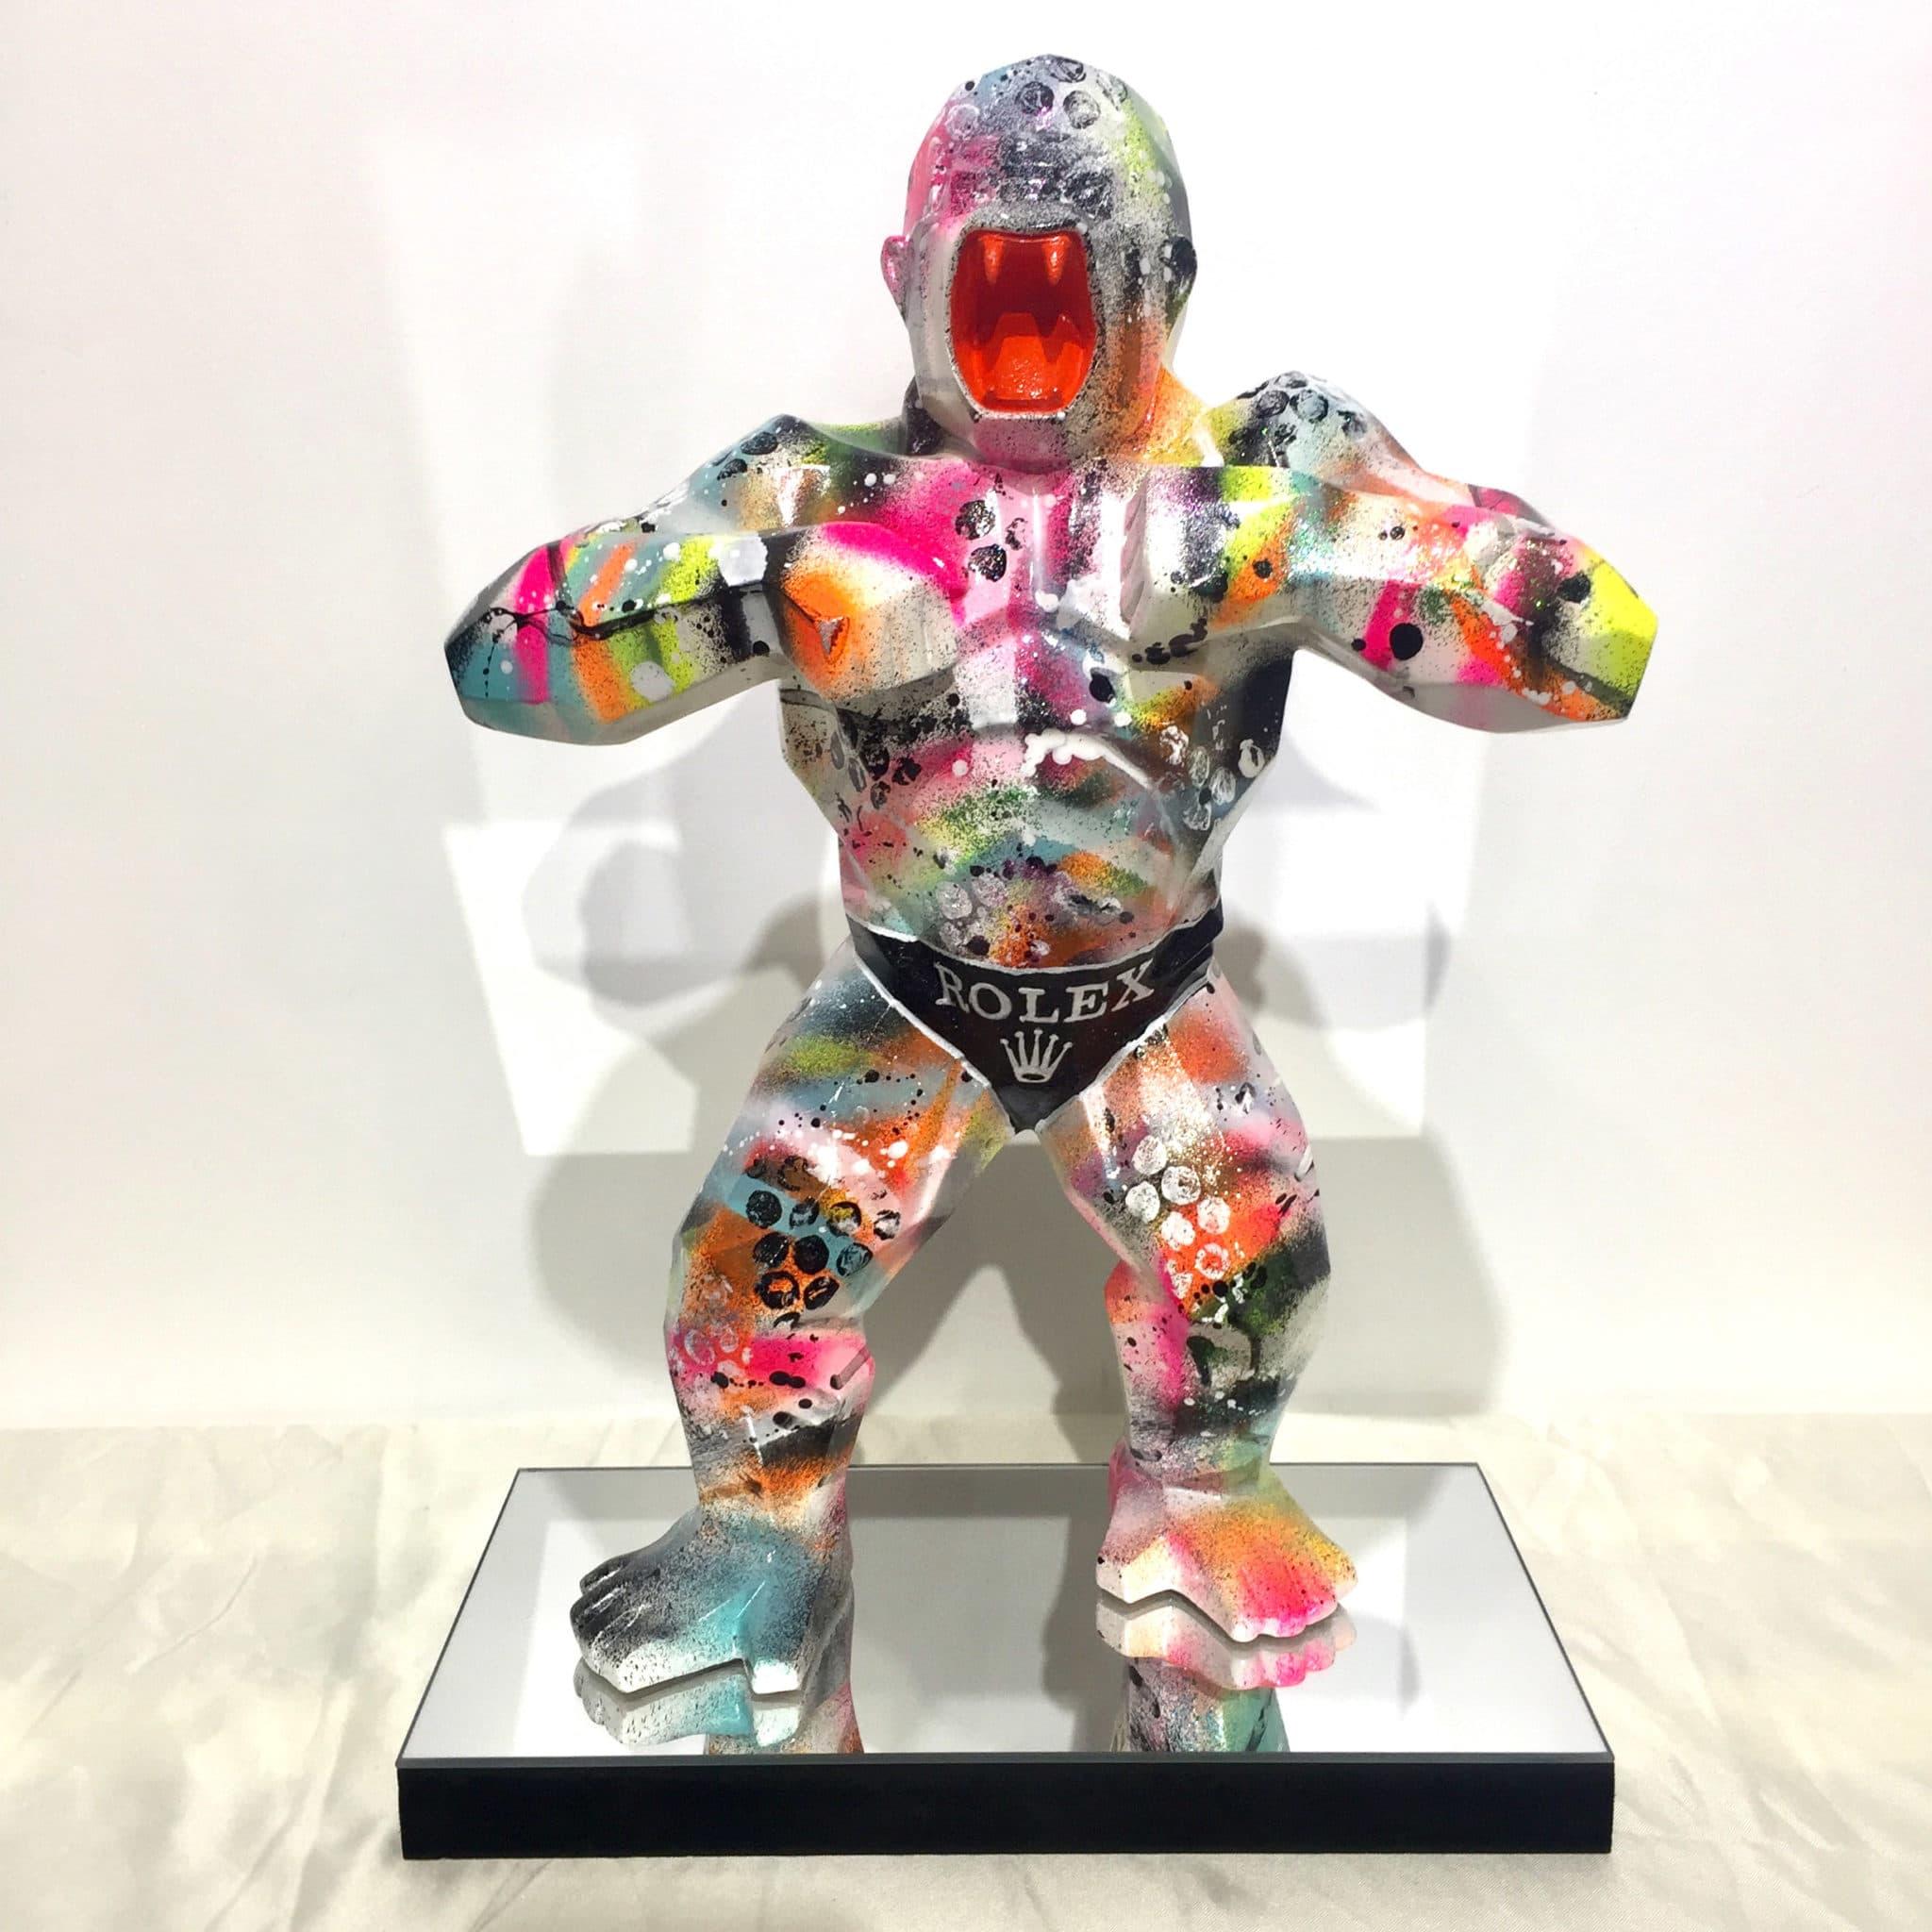 Sculpture graffiti gorille Rolex